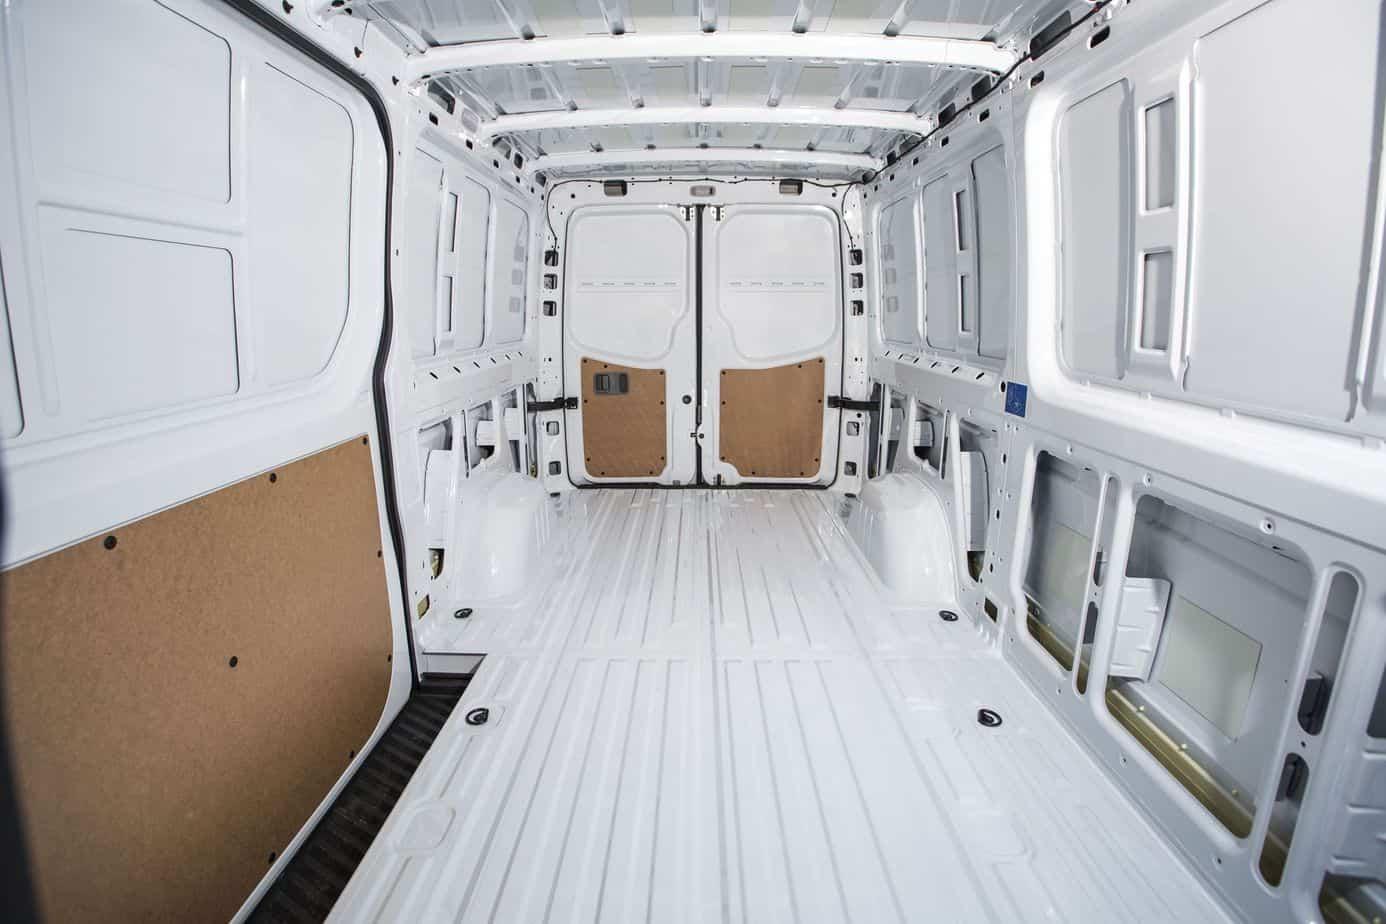 Mercedes benz announces new sprinter worker van for Mercedes benz van interior